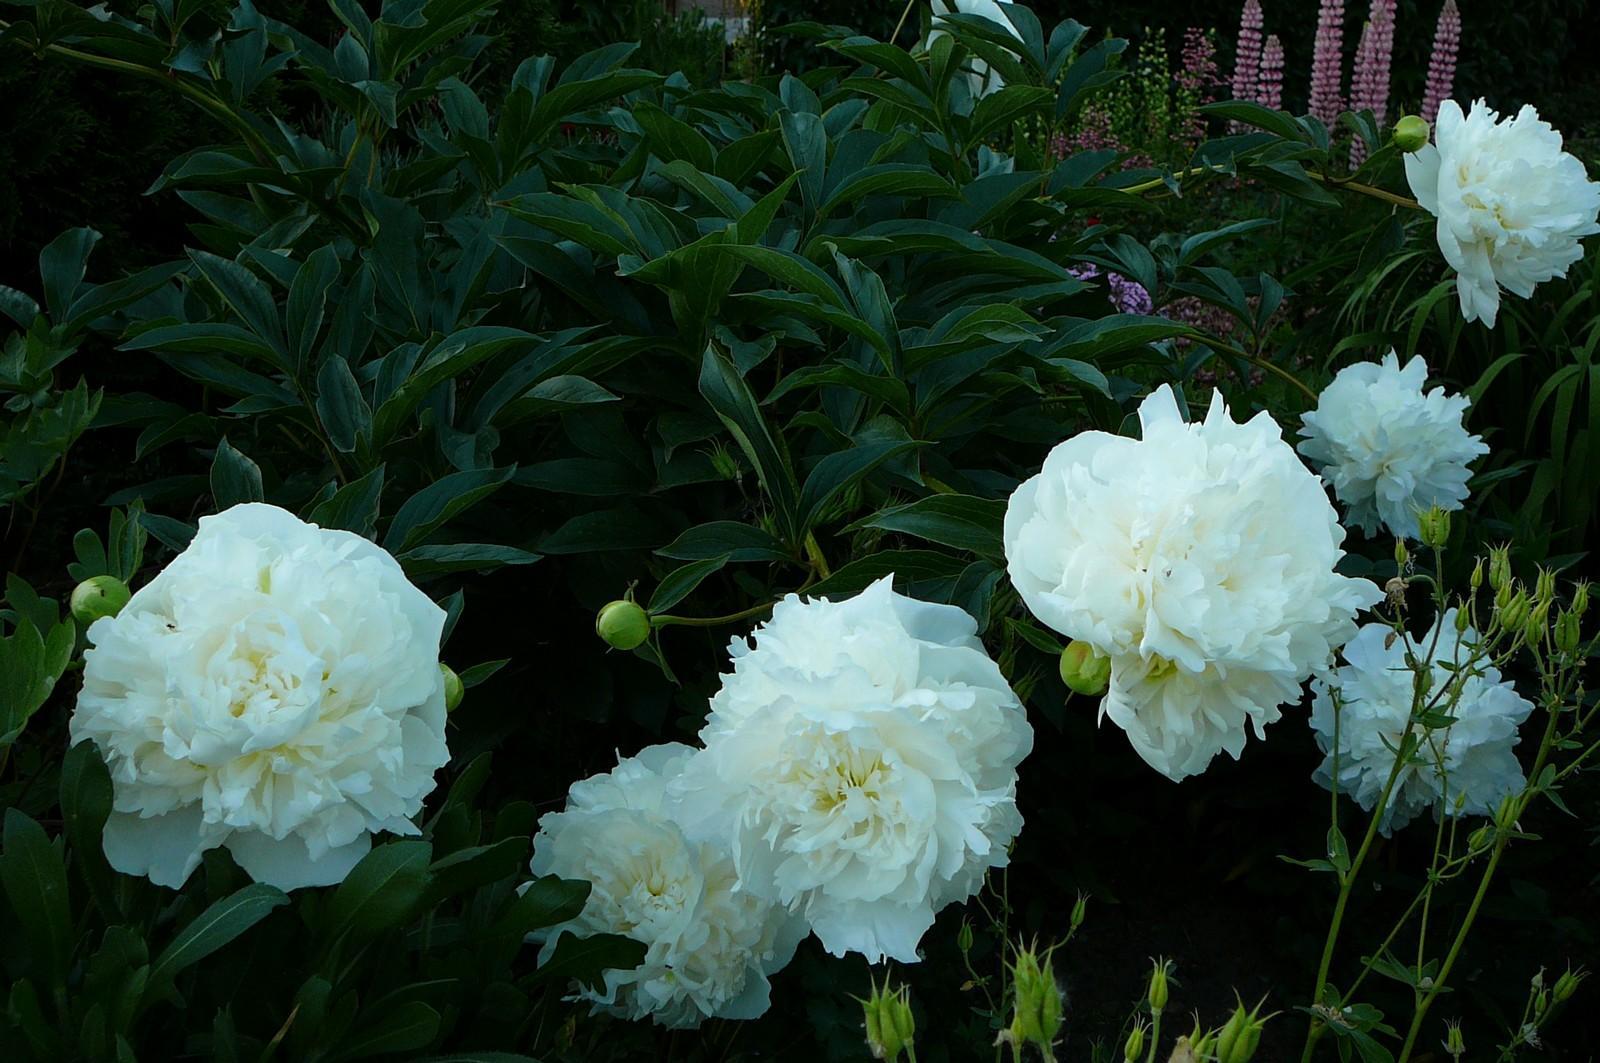 Vybrate do mojej buducej bielo zelenej zahrady - biela pivonka